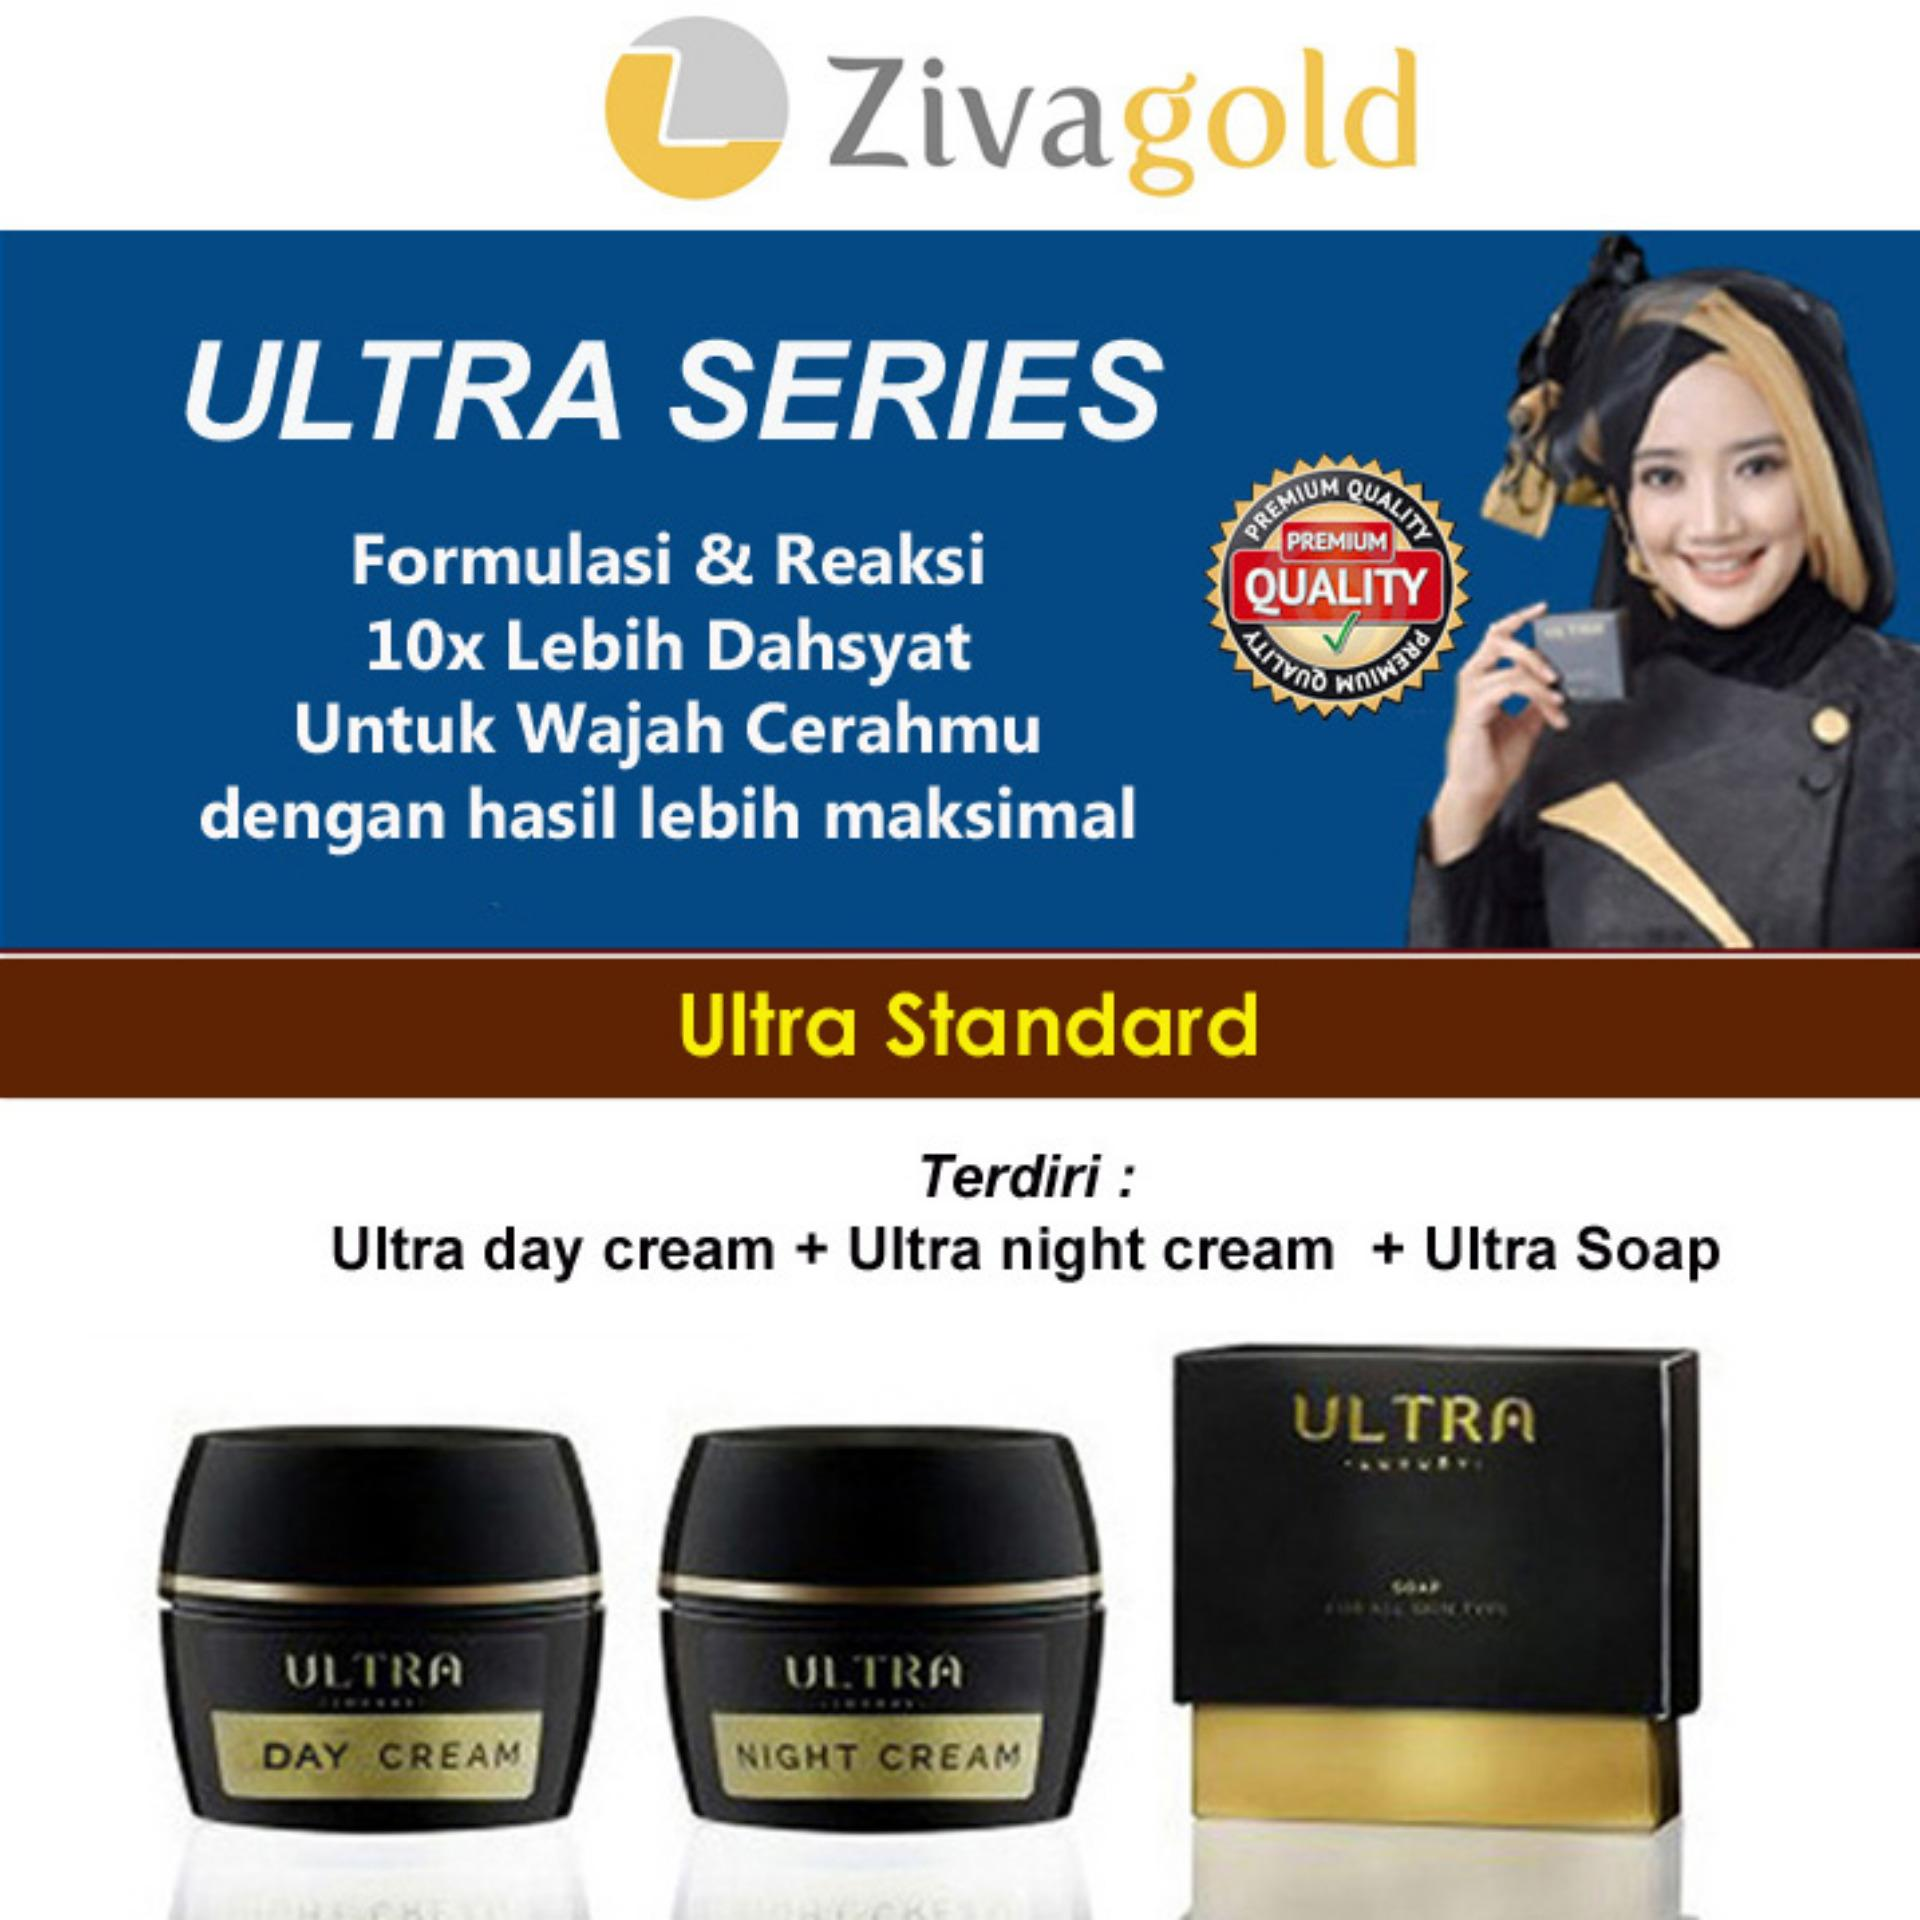 Zivagold Ultra Standard Formulasi Reaksi 10X Lebih Cepat Bpom Resmi Original